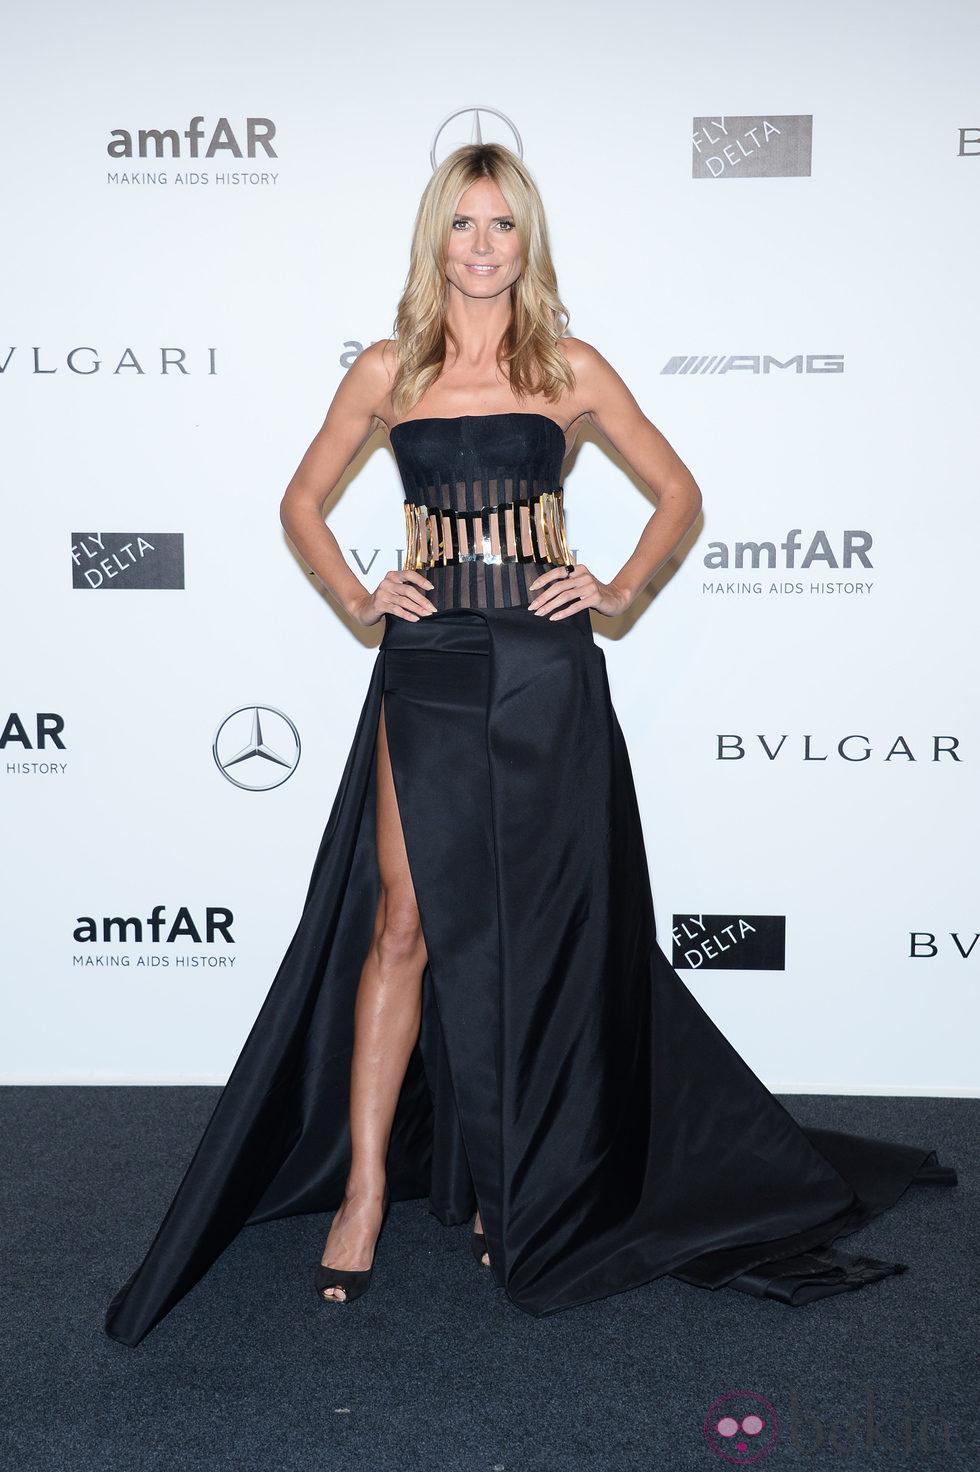 Heidi Klum en la cena benéfica de amfAR durante La Semana de la Moda de Milán 2014